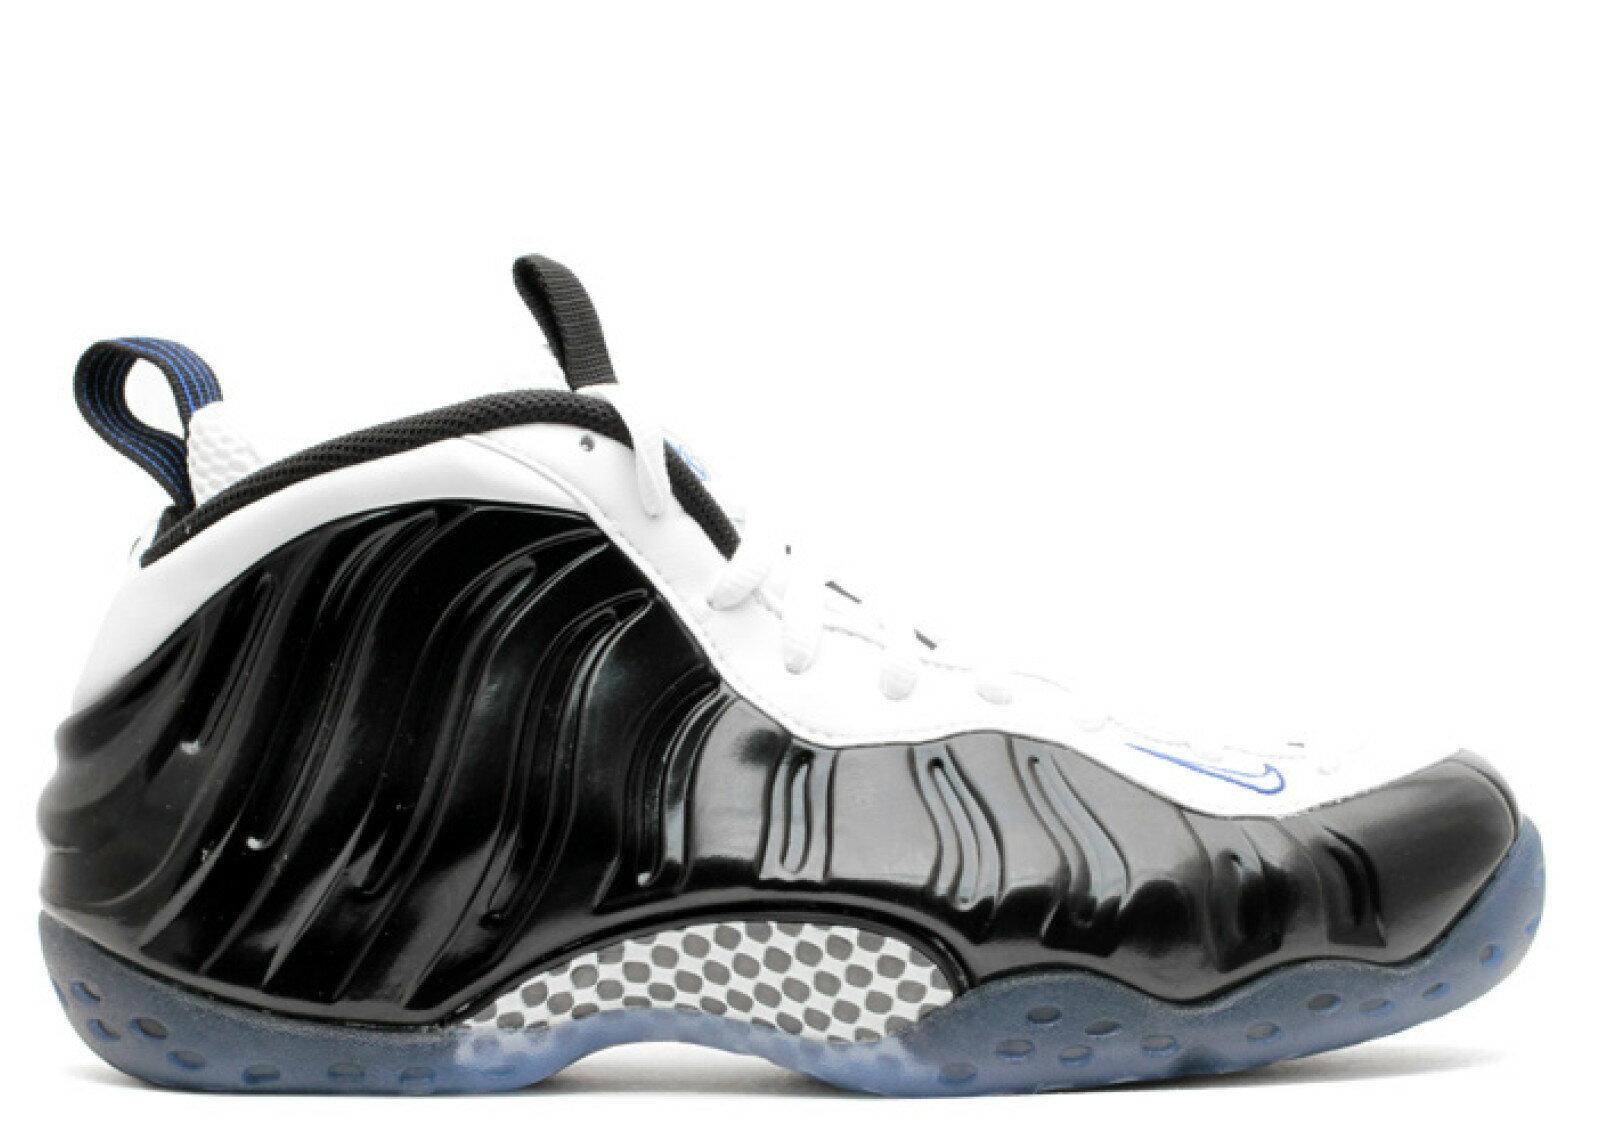 ナイキ エアー フォームポジット コンコルド コンコード ロイヤル メンズ 男性用 靴 メンズ靴 スニーカー 【 NIKE AIR FOAMPOSITE ONE CONCORD BLACK WHITEGAME ROYAL 】